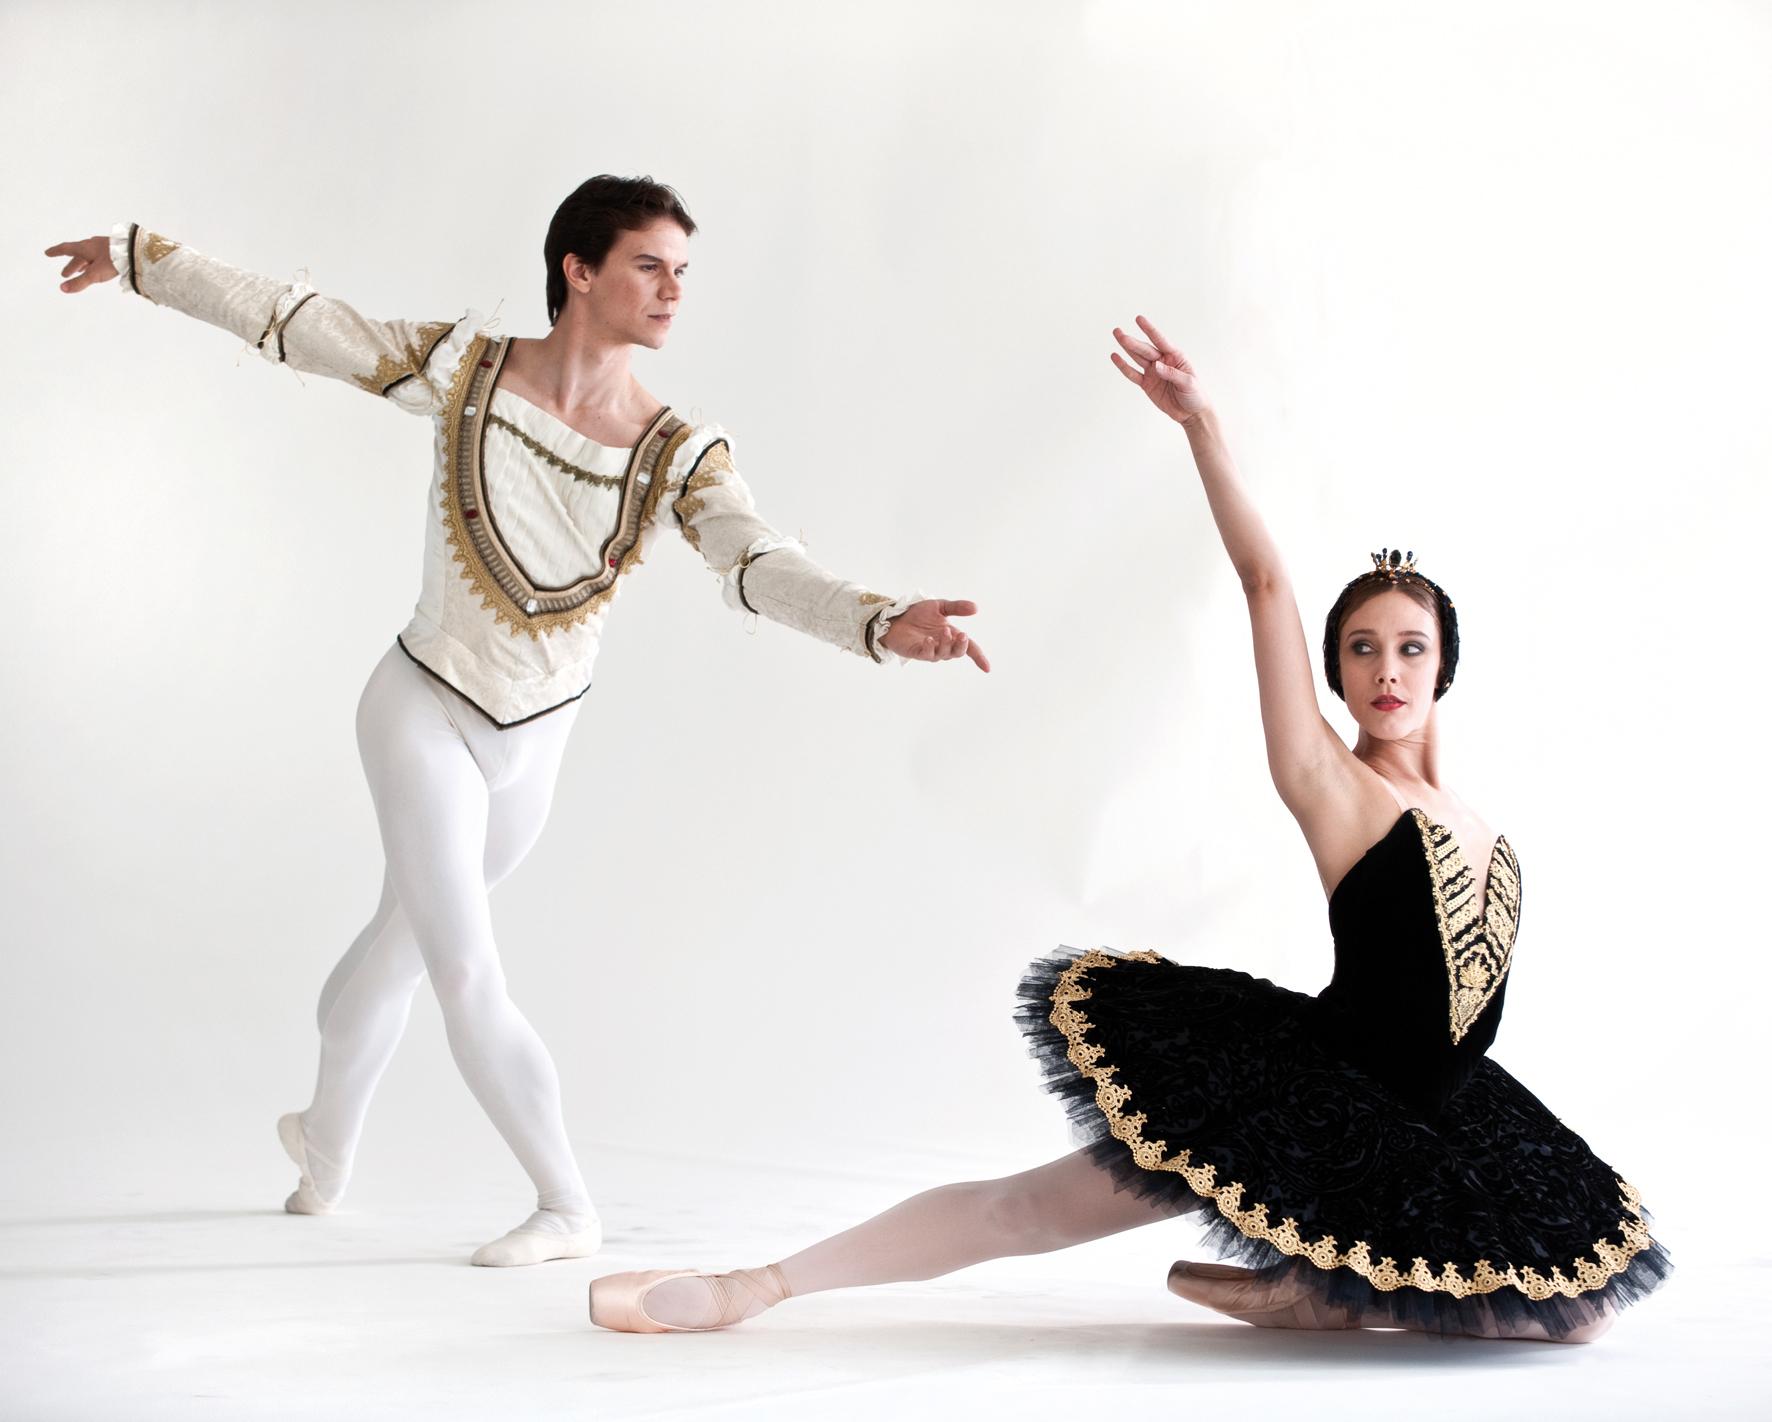 ballet dancer sat on the floor in a black tutu